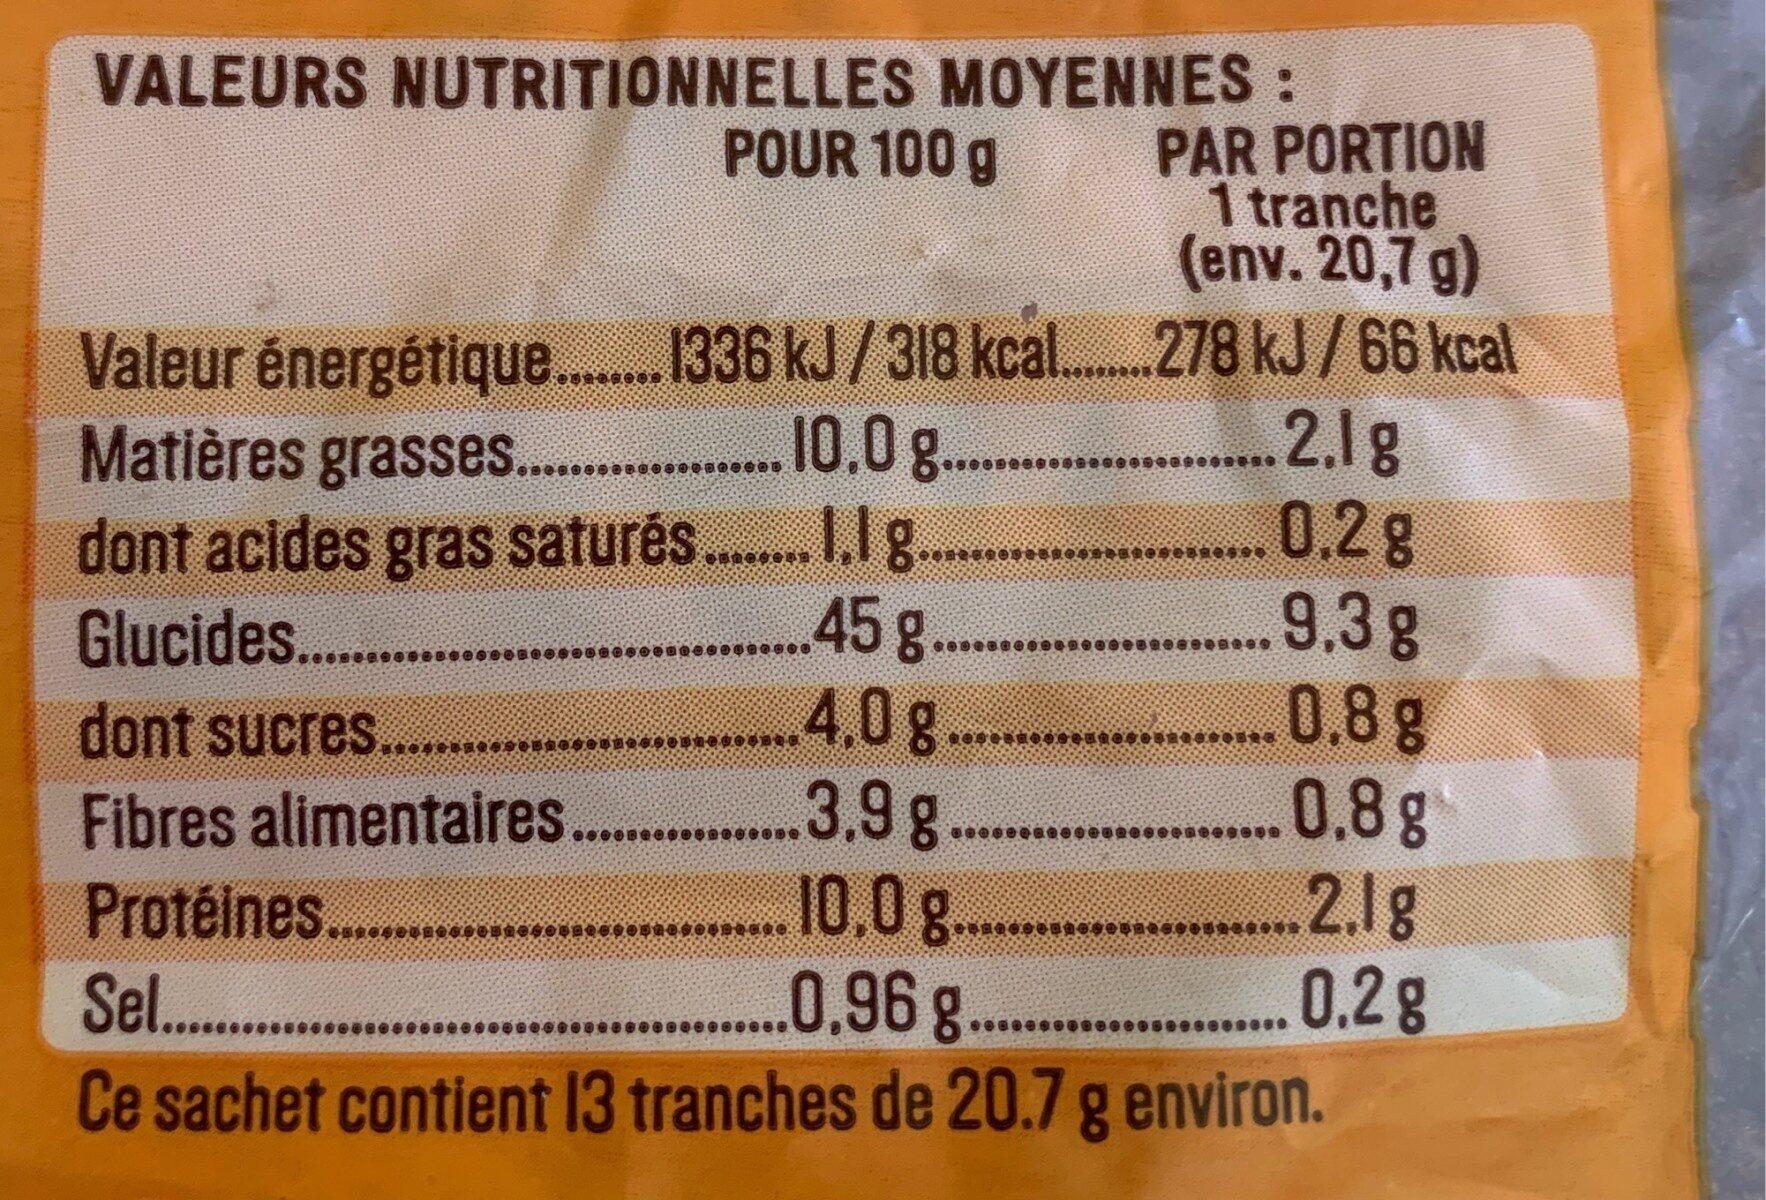 L'Atelier - Pain farines : épeautre & blé, graines de tournesol et pavot - Valori nutrizionali - fr